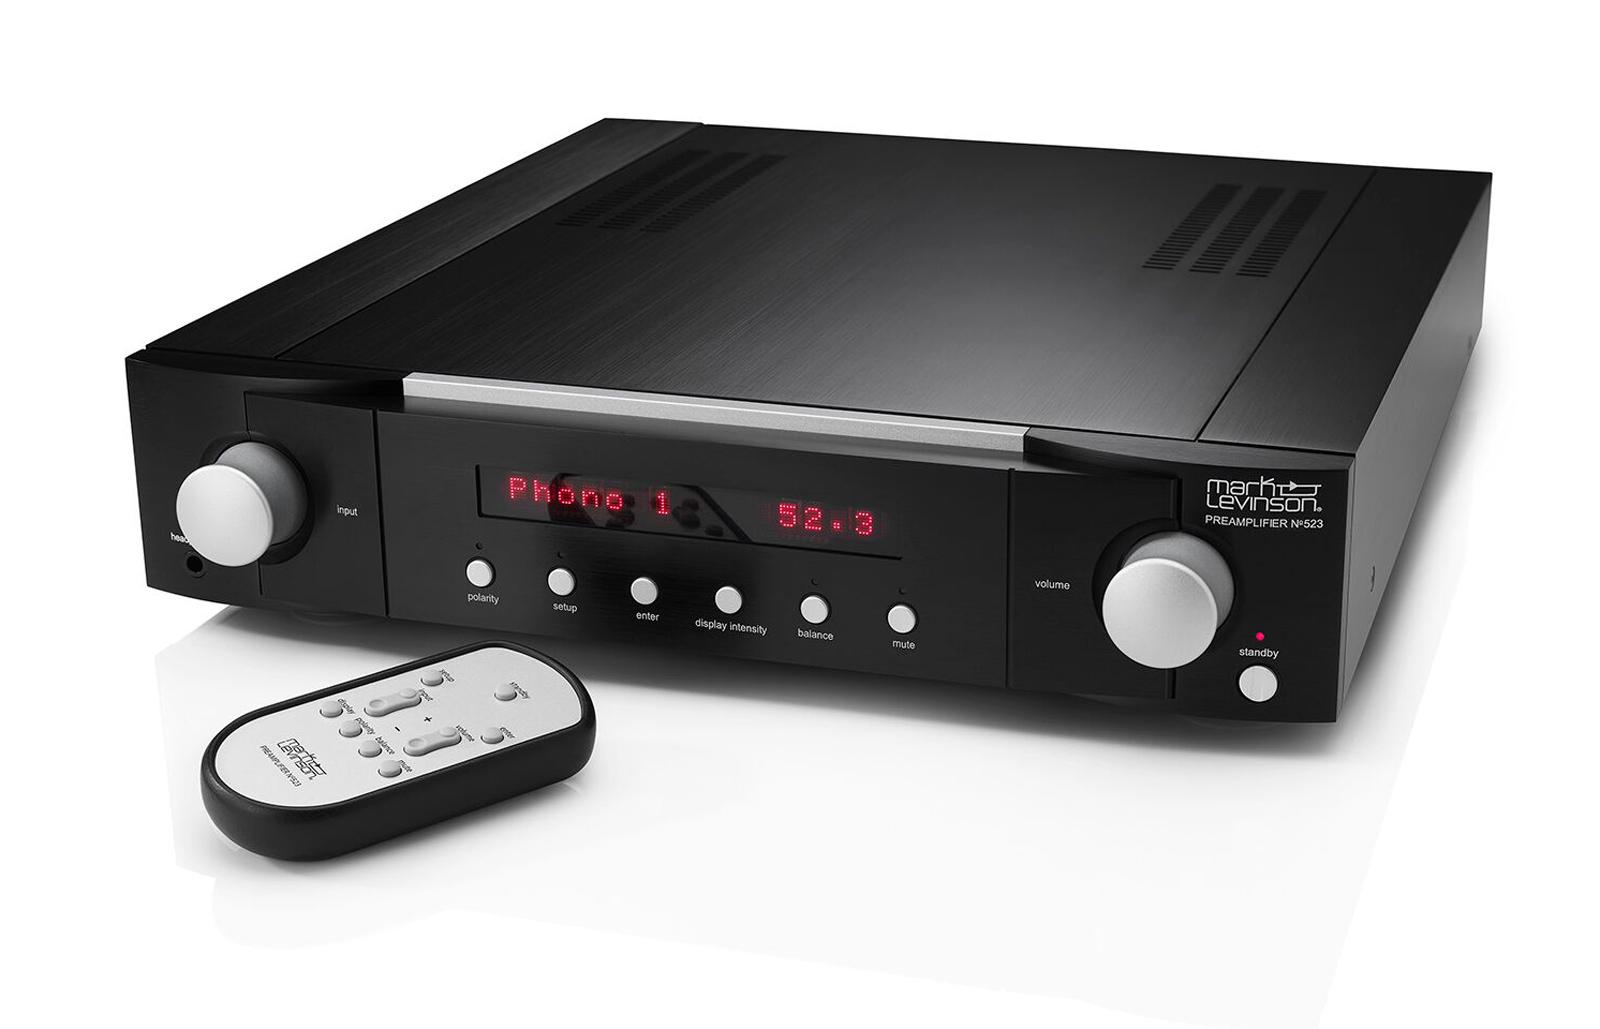 № 523 Pre-Amplifier By Mark Levinson | Audio Venue